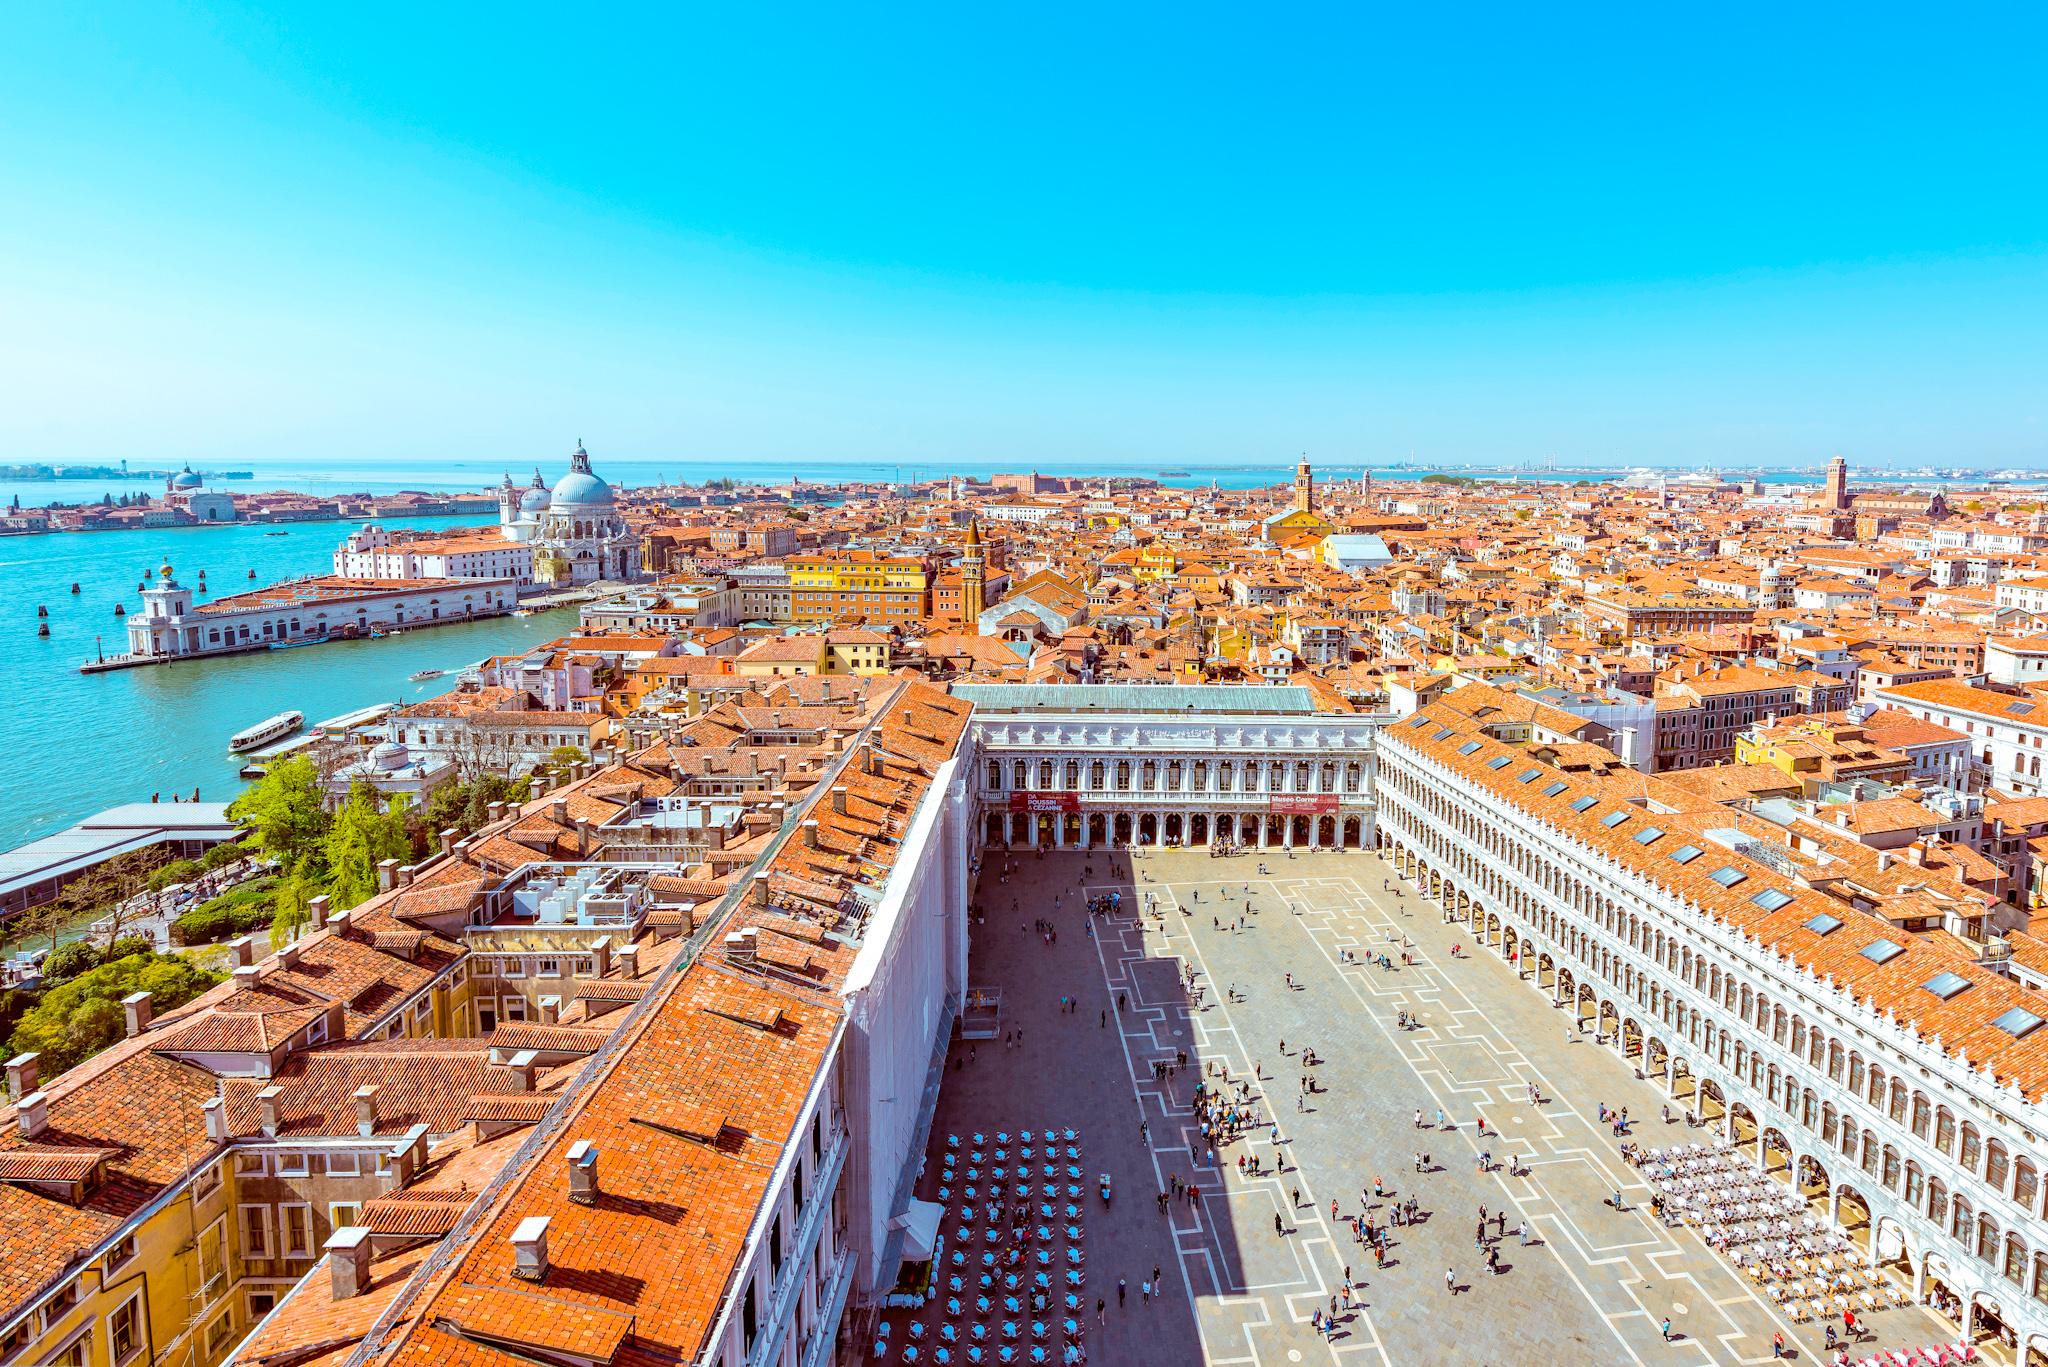 cosas que ver y hacer en Venecia: vista aérea de la Plaza de San Marcos